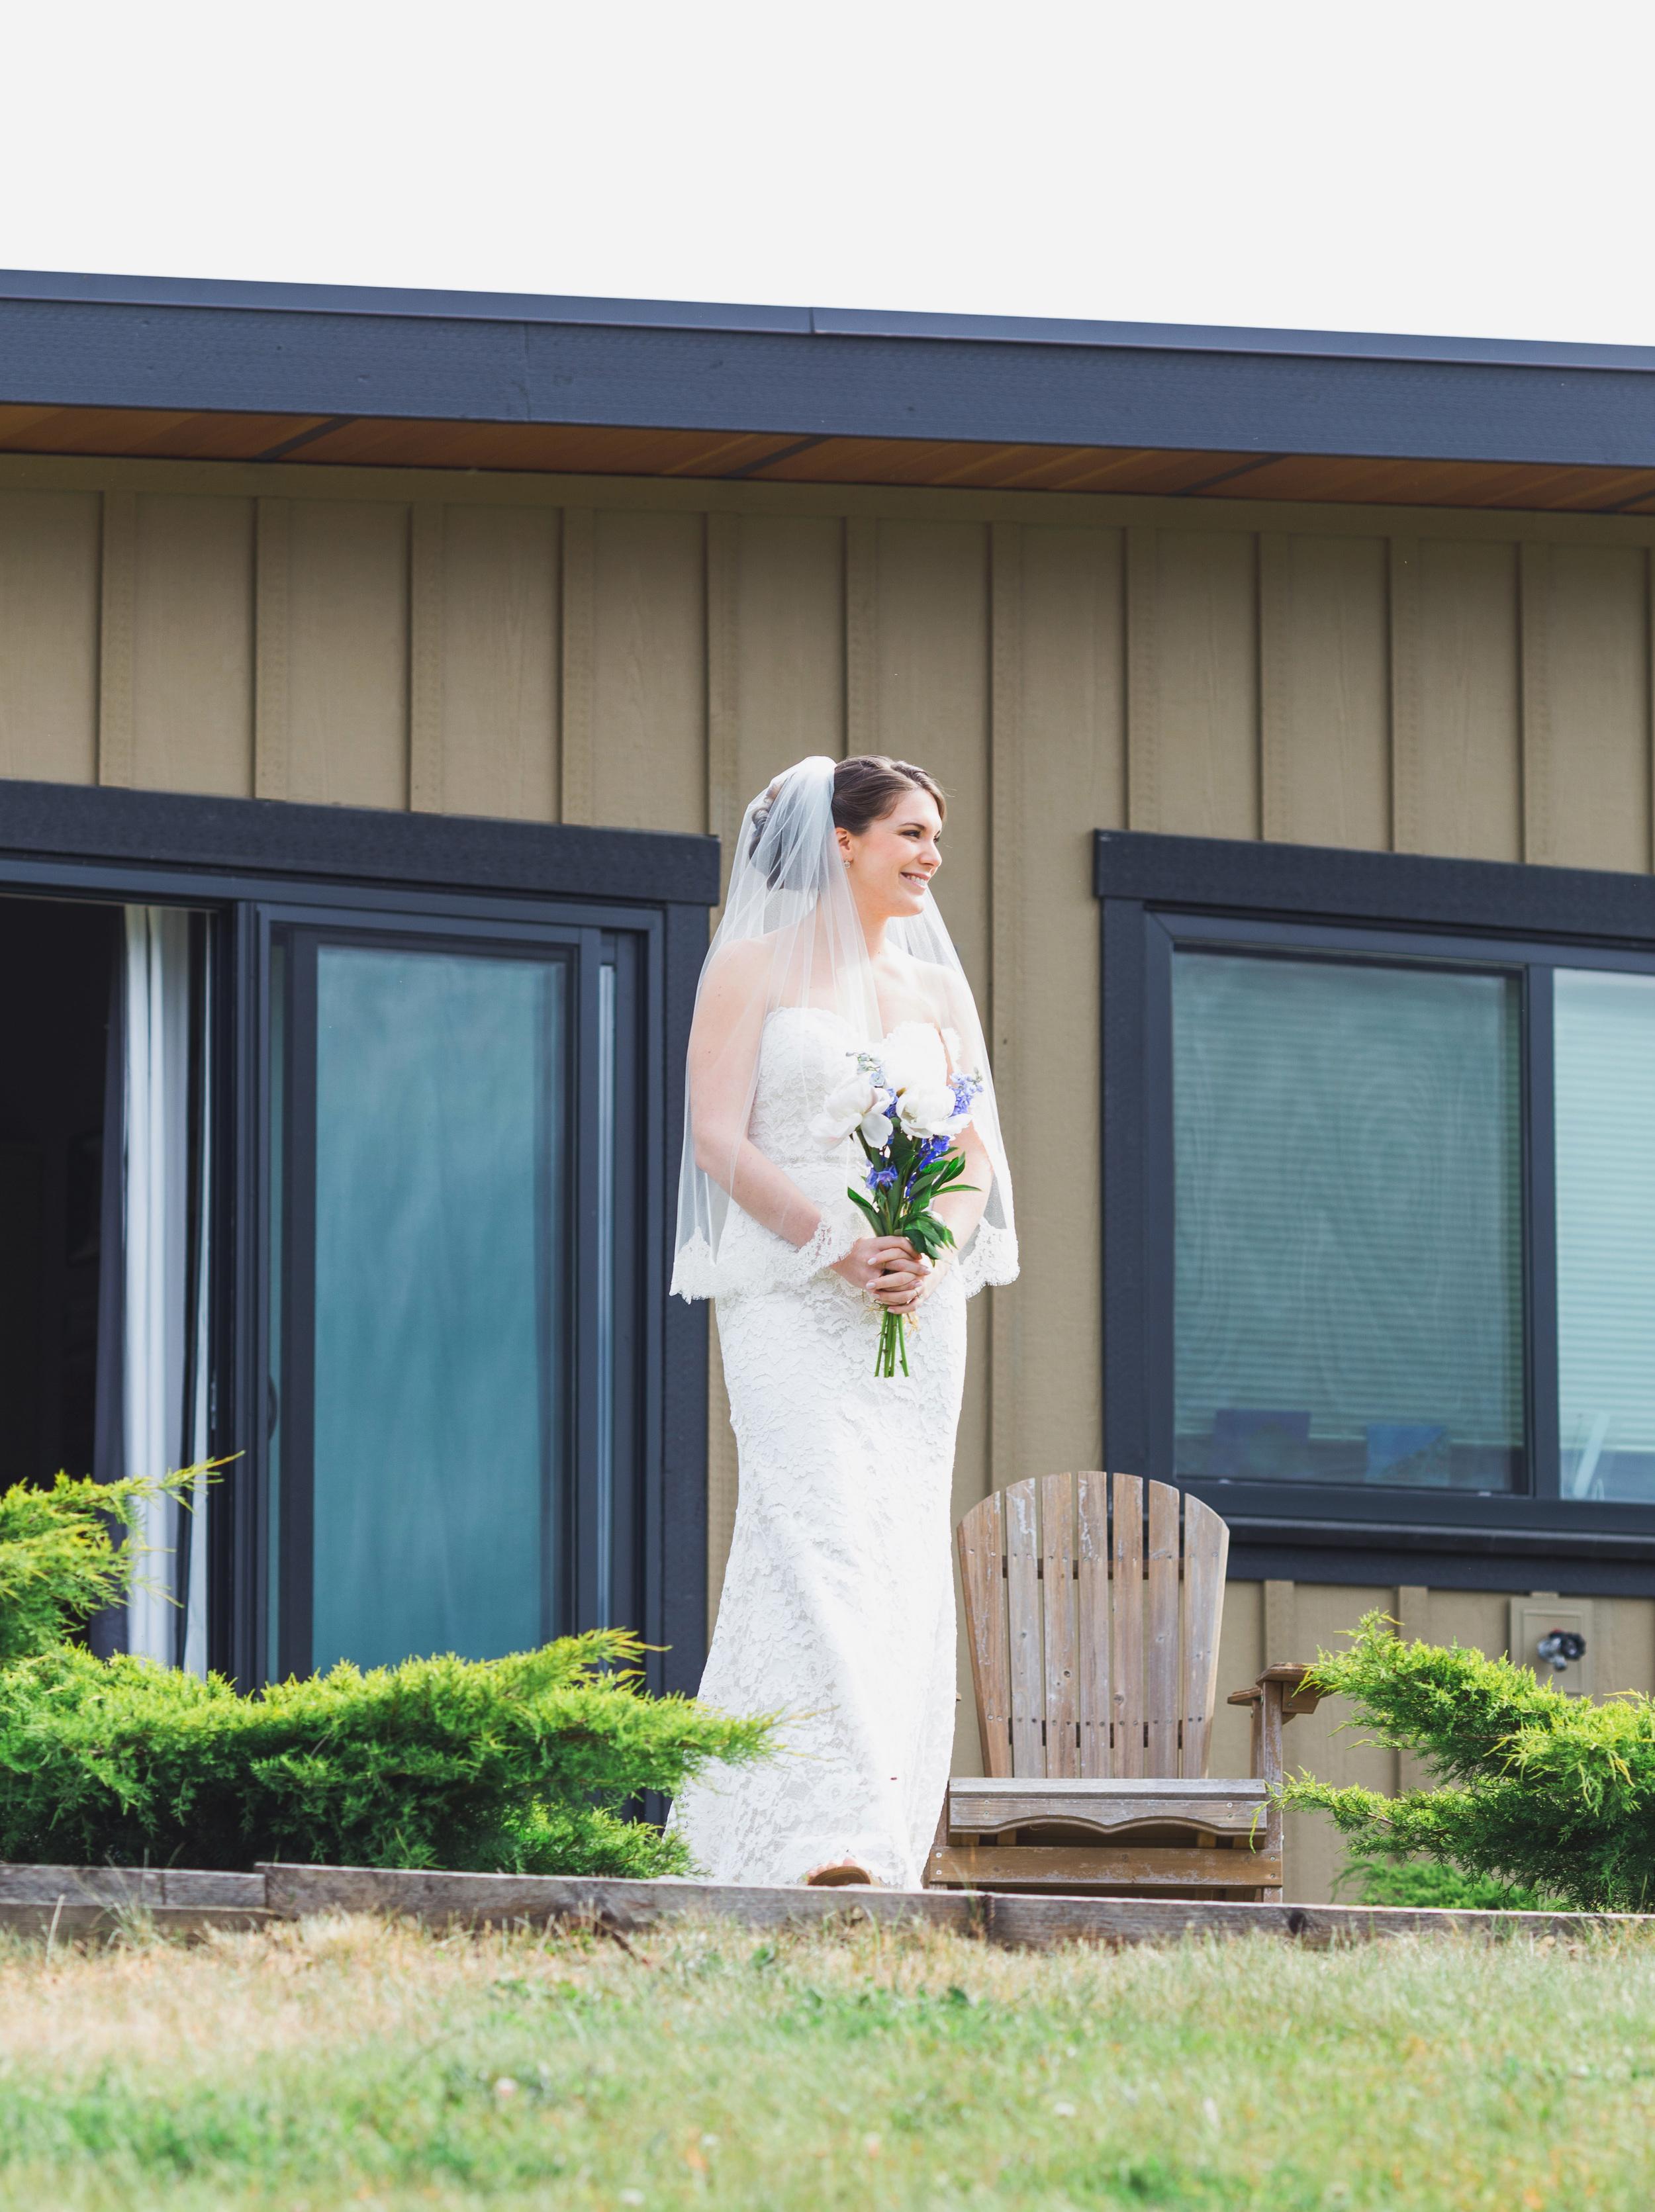 SunshineCoast-BC-Wedding-Photographer195.jpg